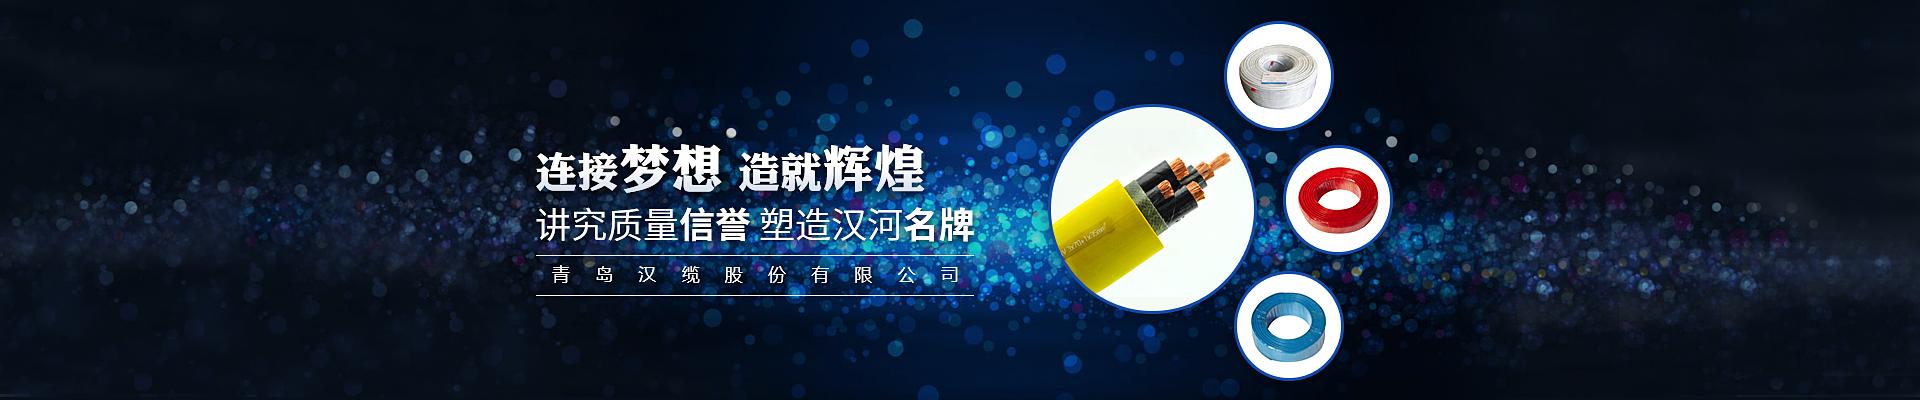 青岛汉缆股份有限公司